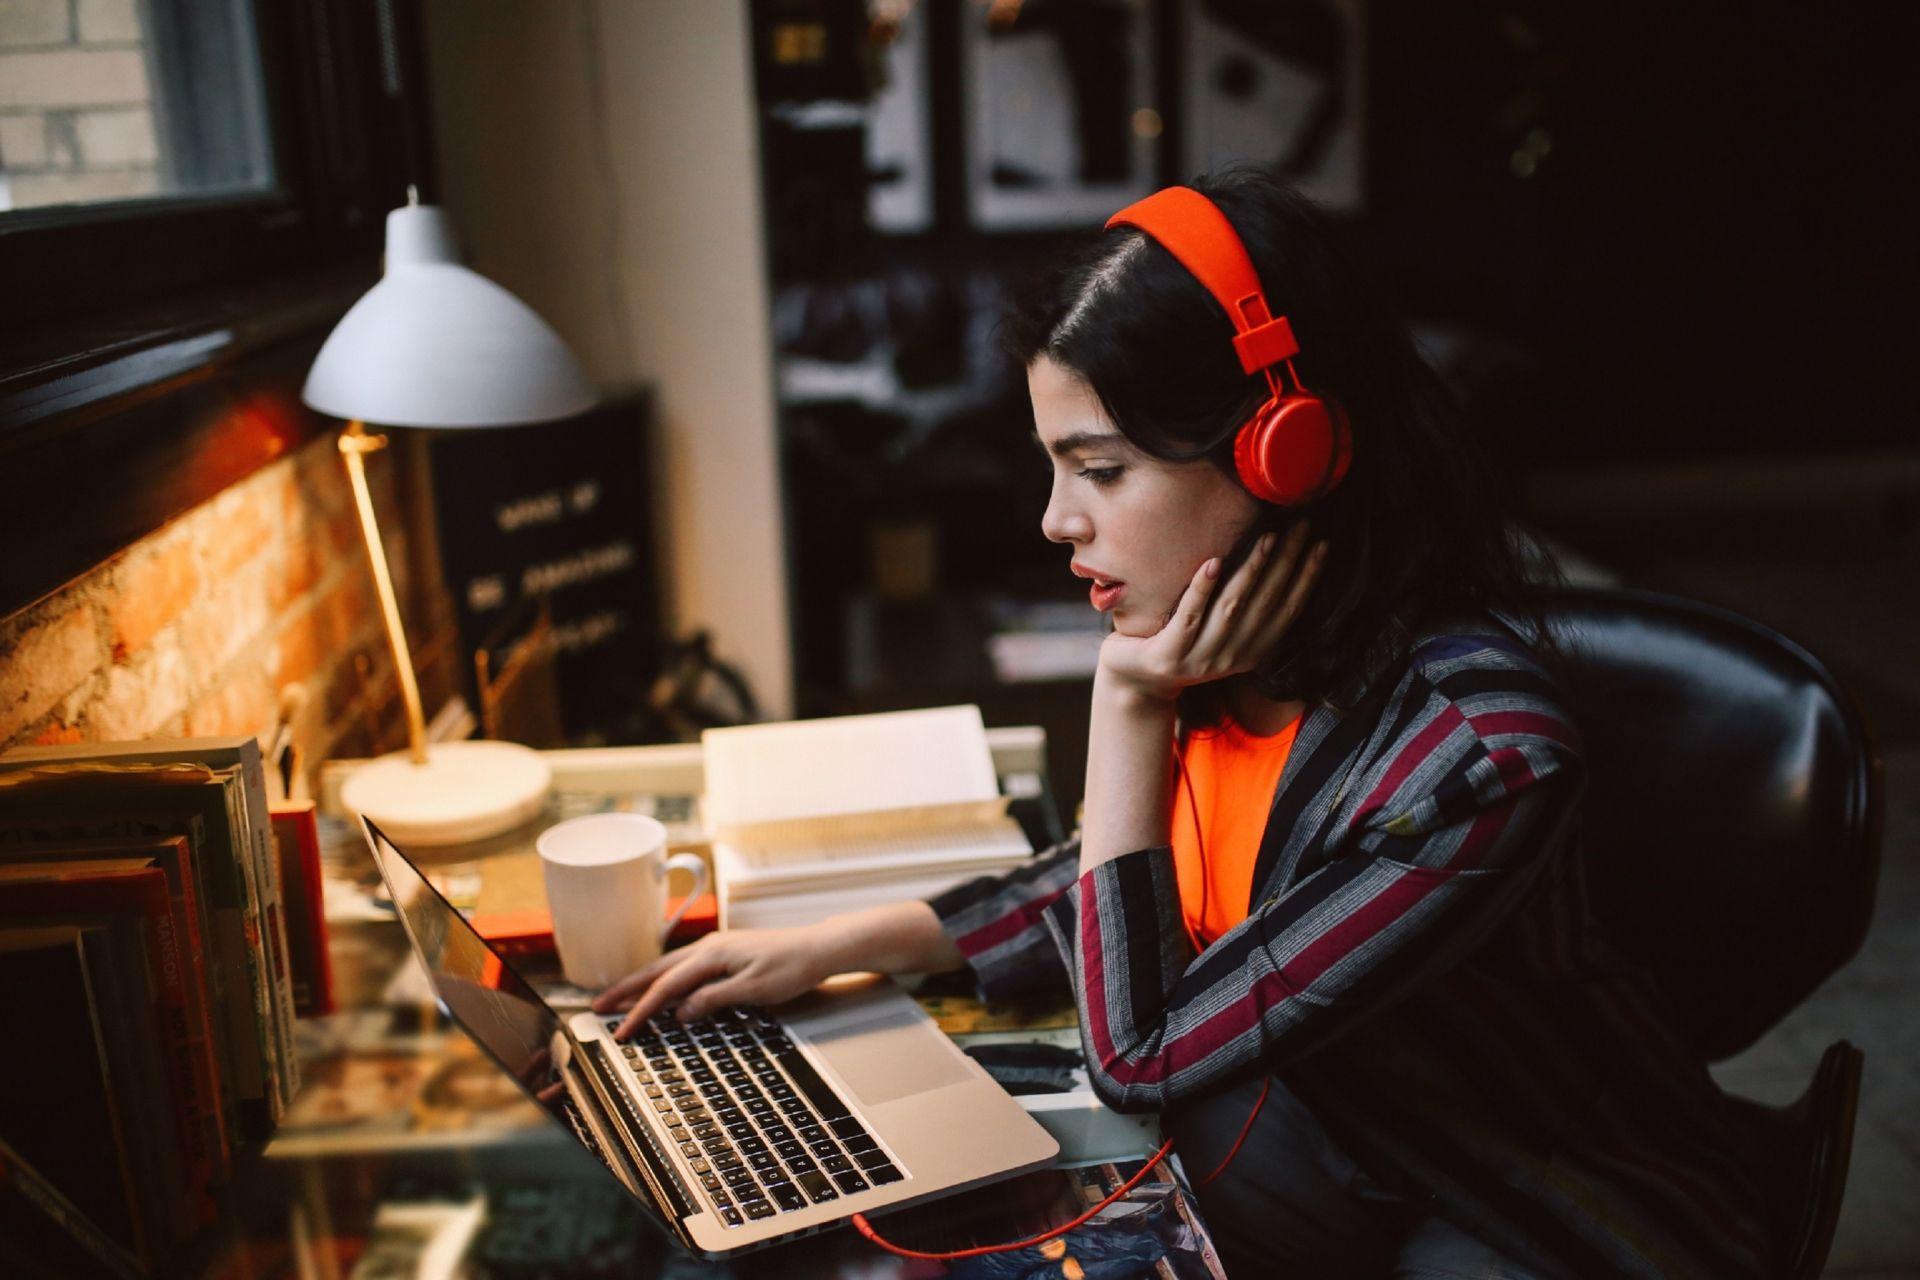 Estudio revela que el 43% de las personas están escuchando música de artistas que no conocían durante la cuarentena